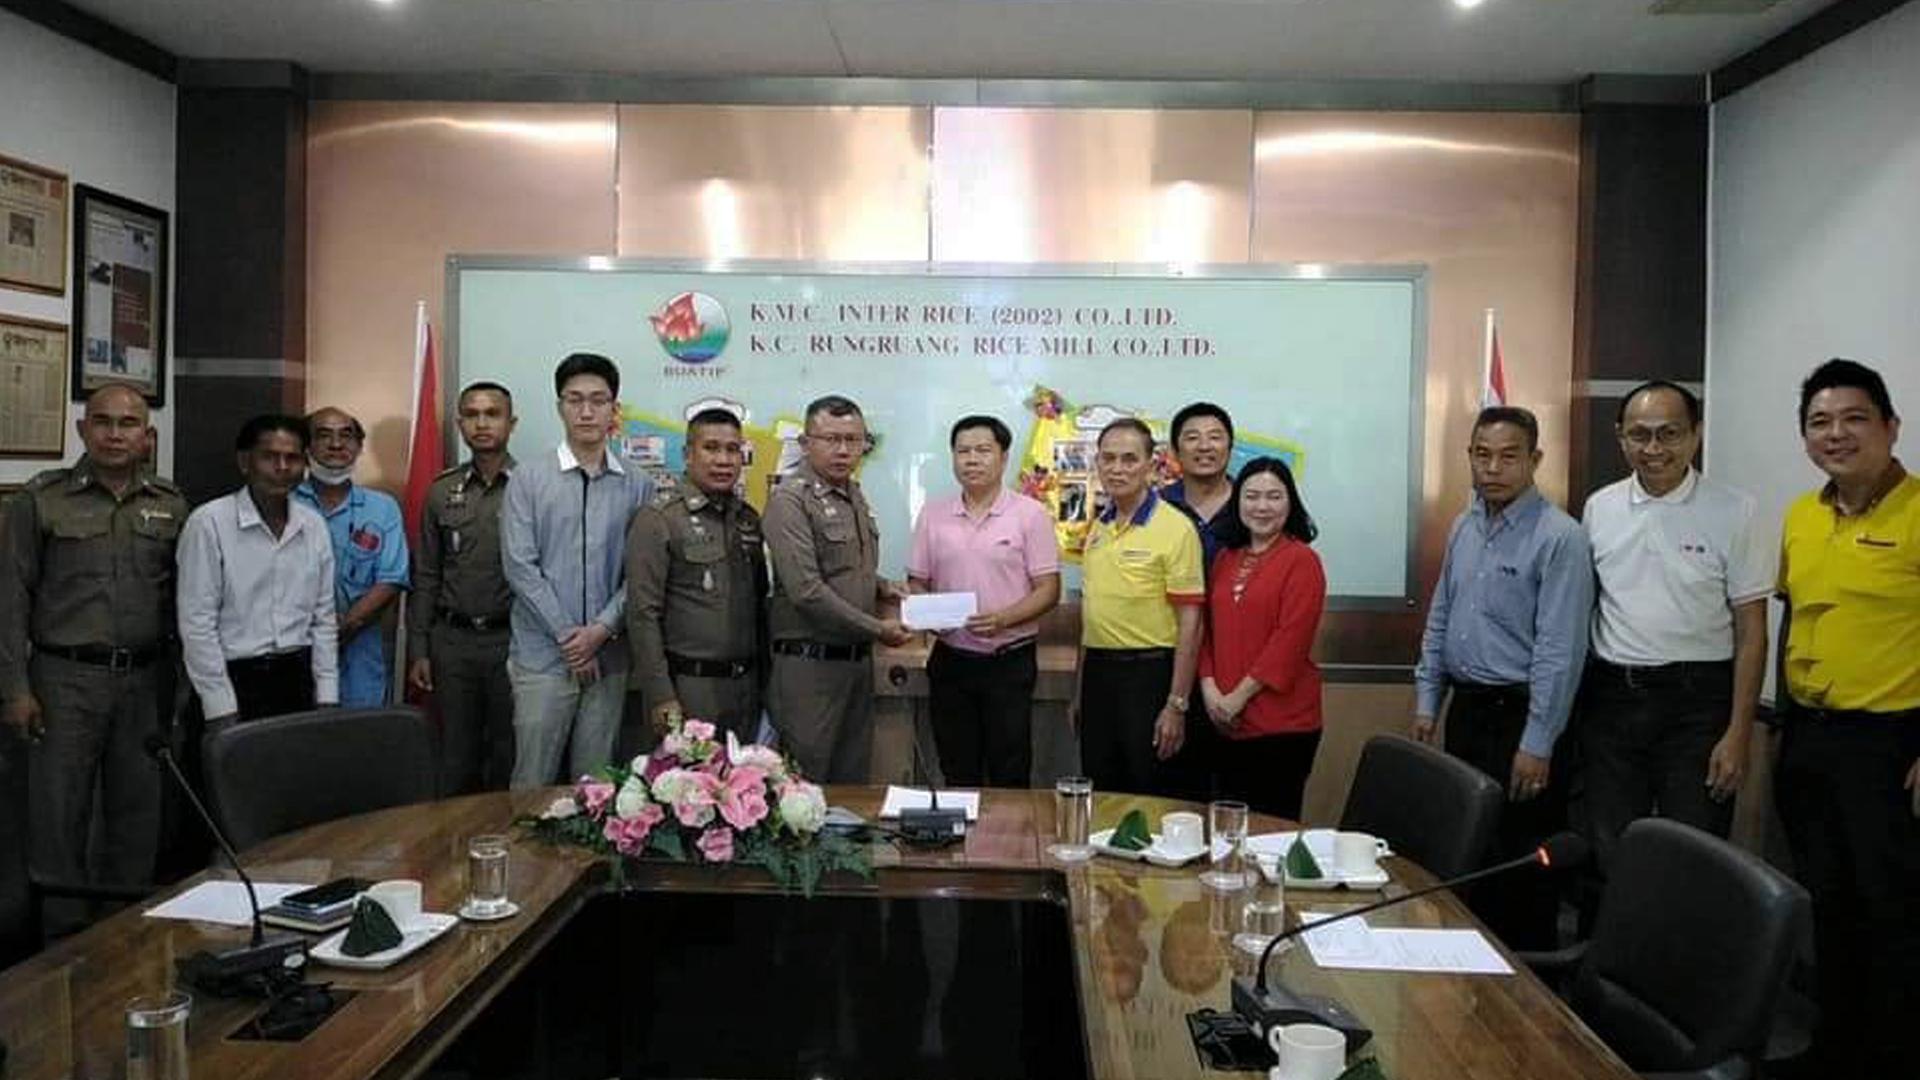 บจก.สยามเหล็กไทย อุตสาหกรรม ร่วมบริจาคสมทบทุนค่าใช้จ่าย เพื่อปรับปรุง ซ่อมแซมตกแต่งสถานีตำรวจเมืองไหม